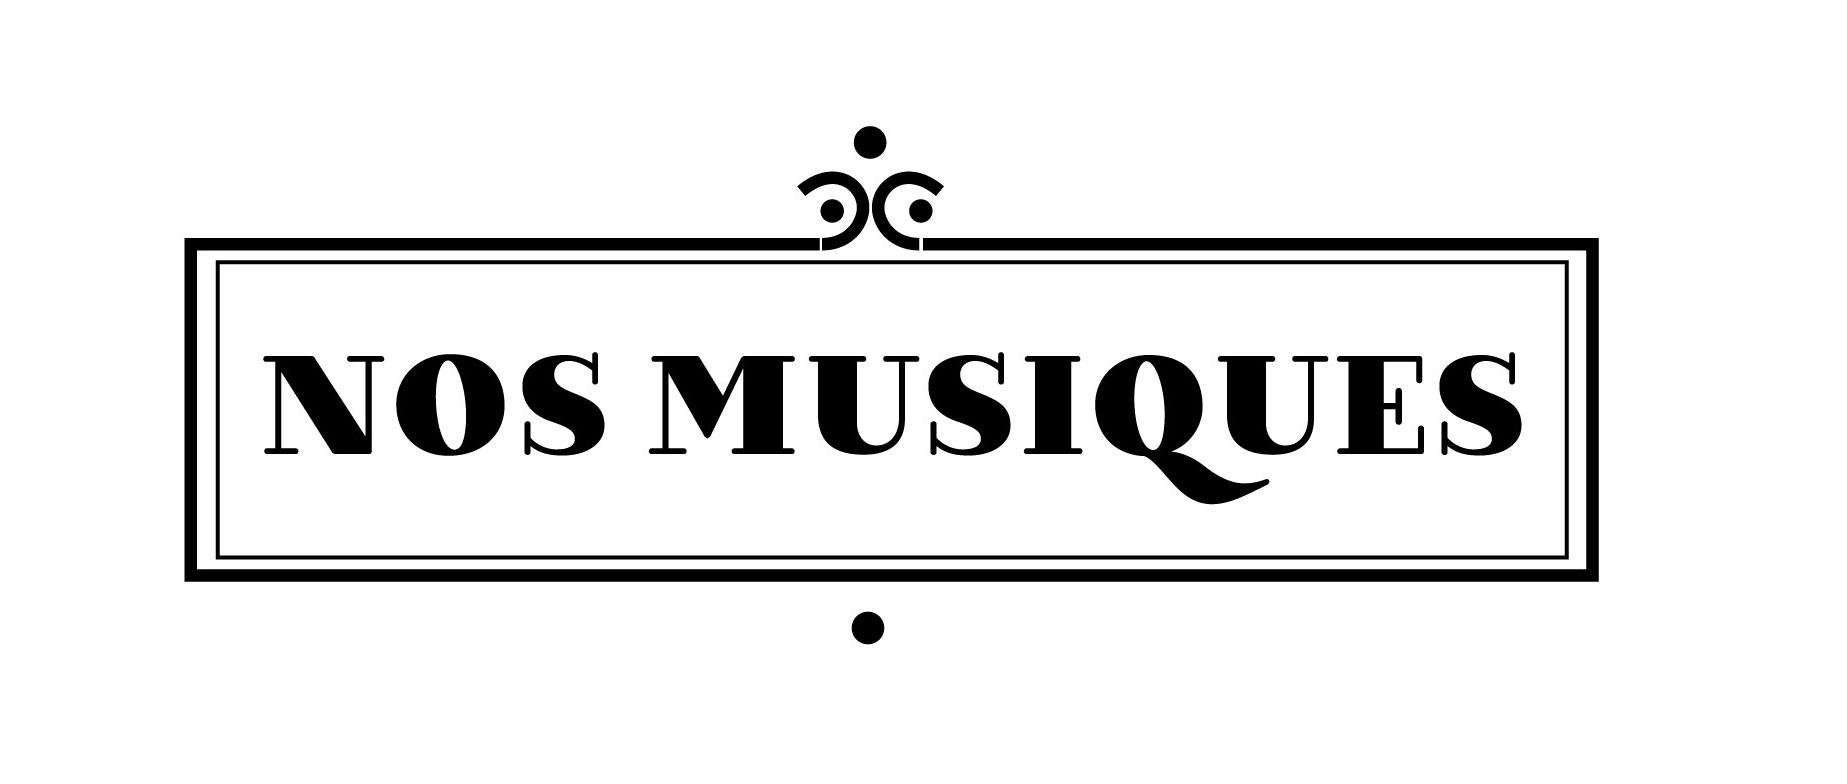 Nos musiques/Site de musique